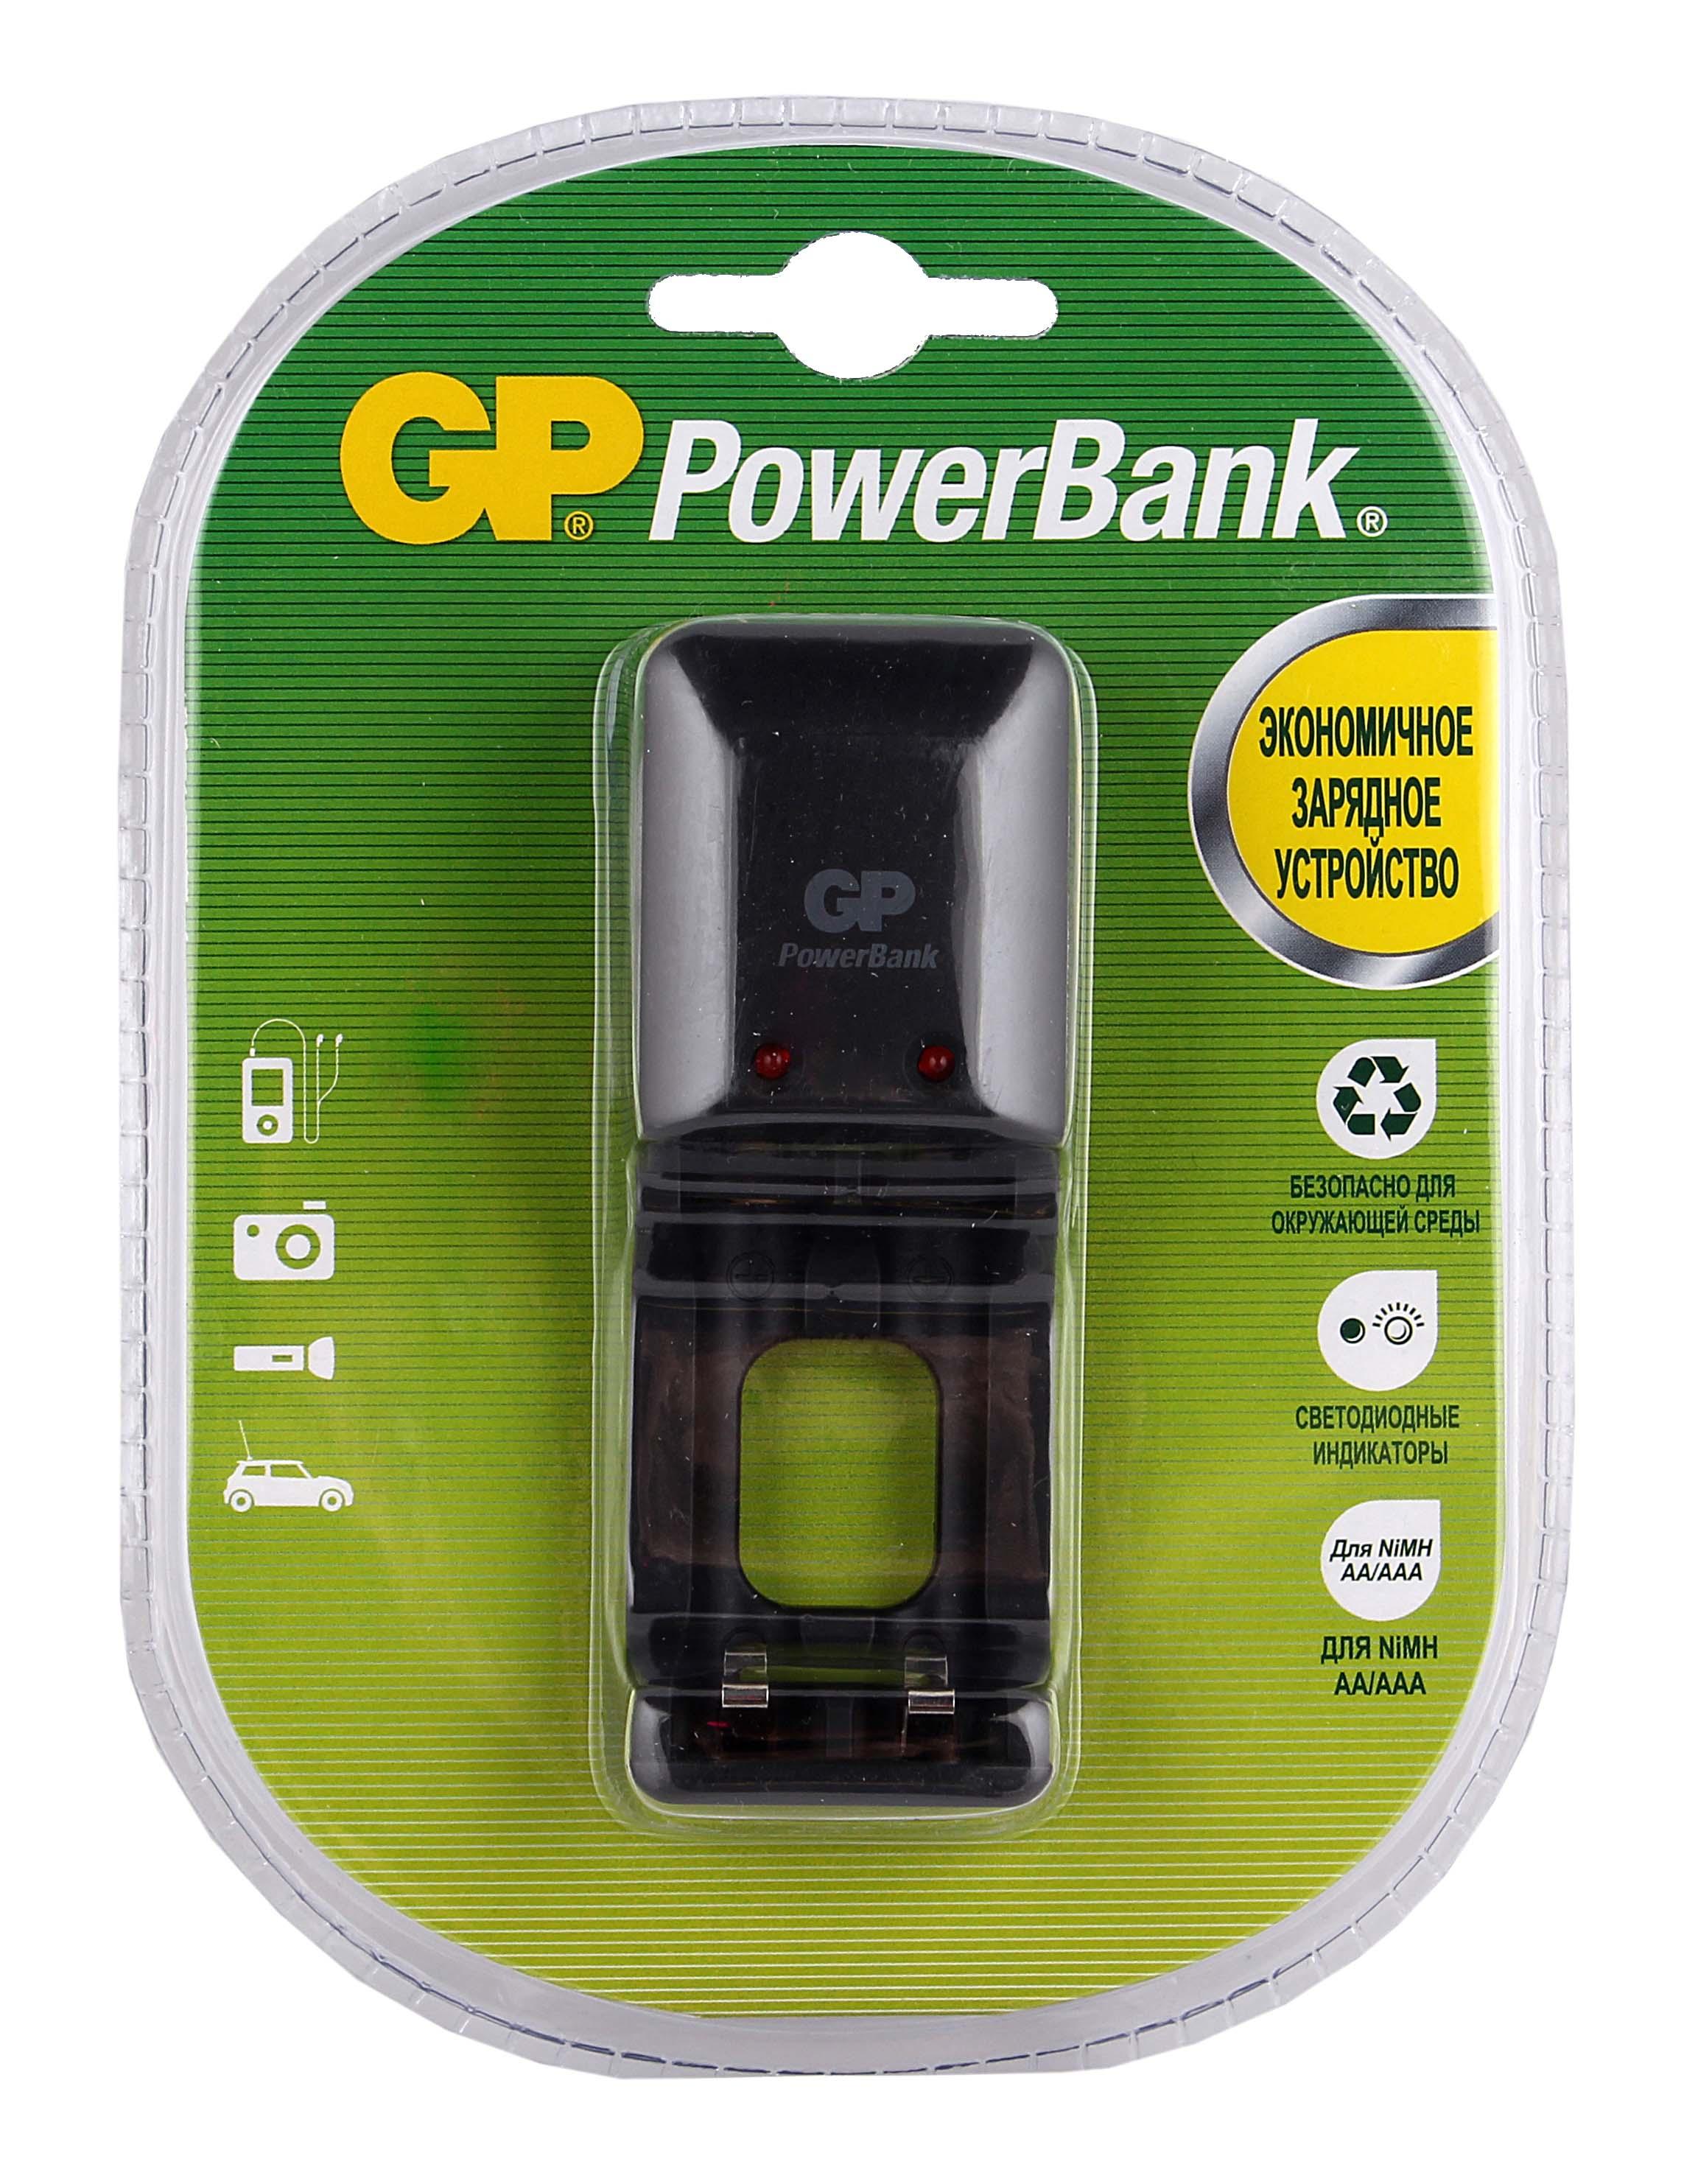 Зарядные устройства Gp Real Brand Technics 284.000